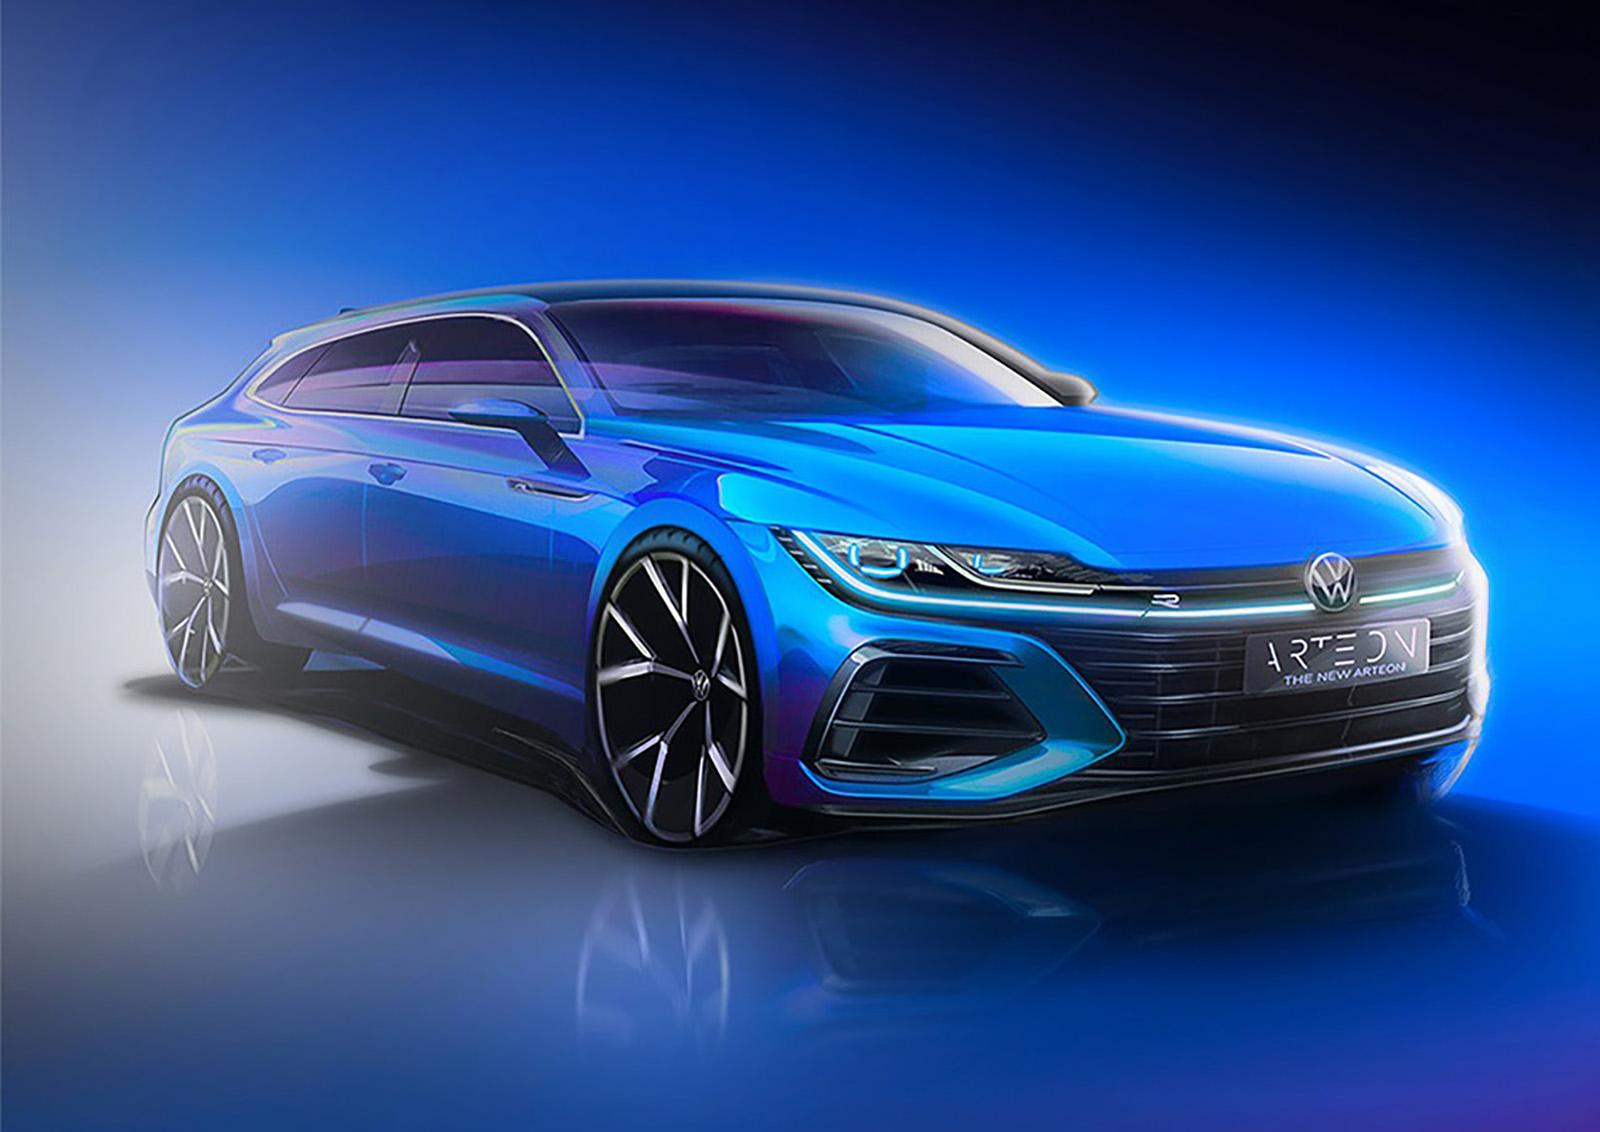 2021 Volkswagen Arteon Shooting Brake Teaser